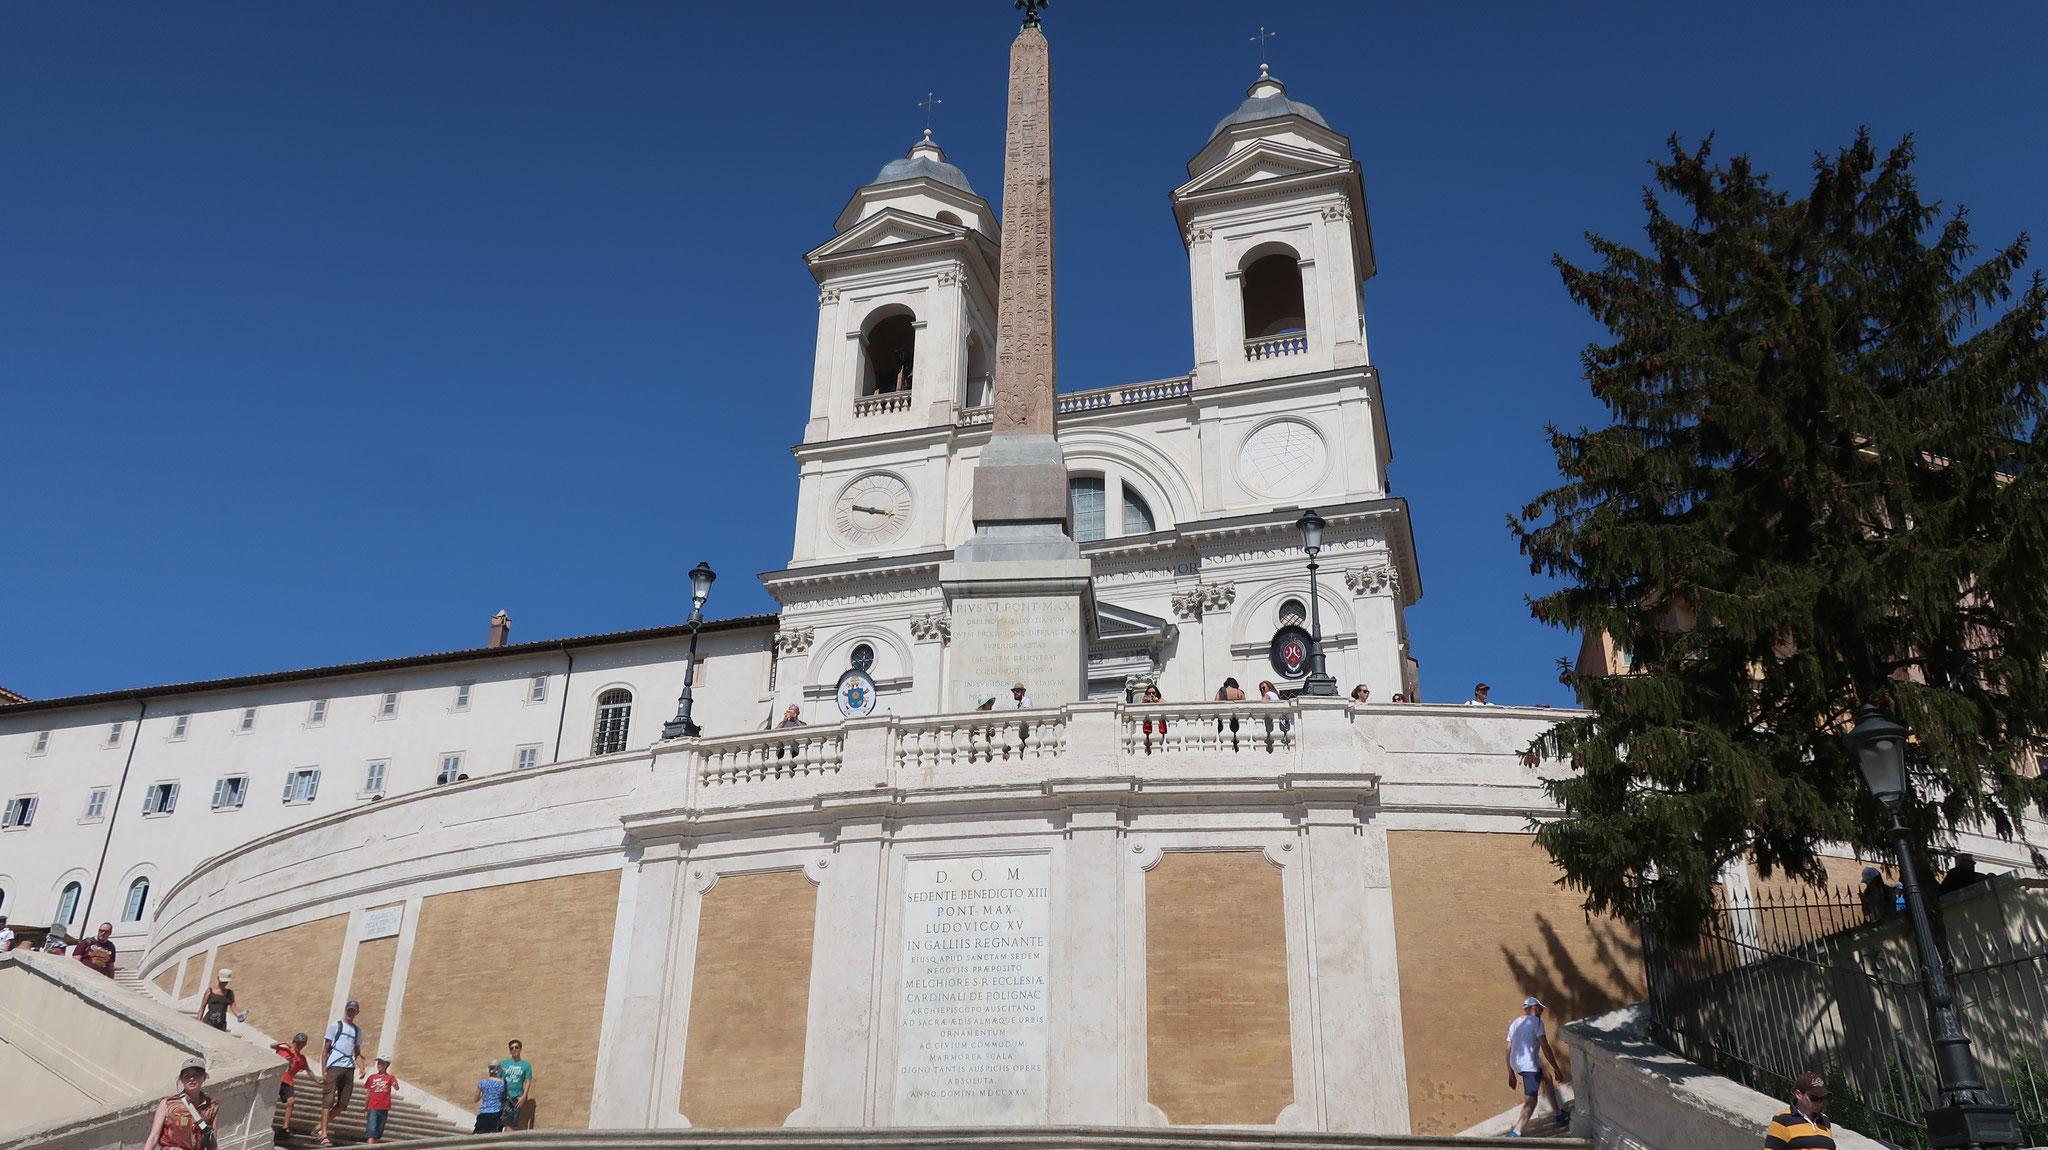 スペイン階段の上に立つオべリスクとトリニタ・デイ・モンティ教会